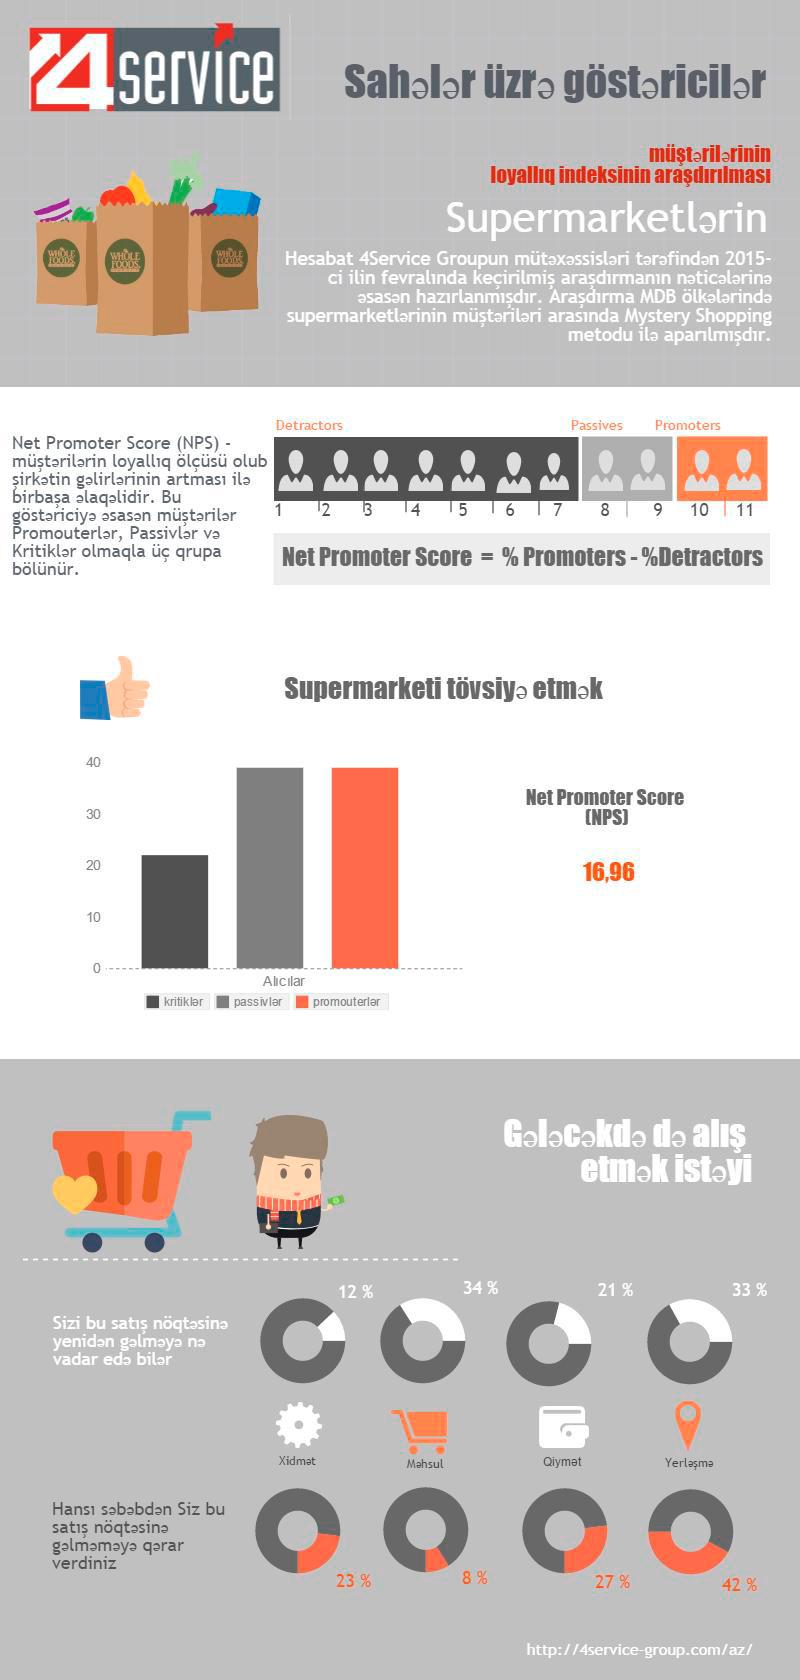 NPS Supermarketlərin müştərilərinin